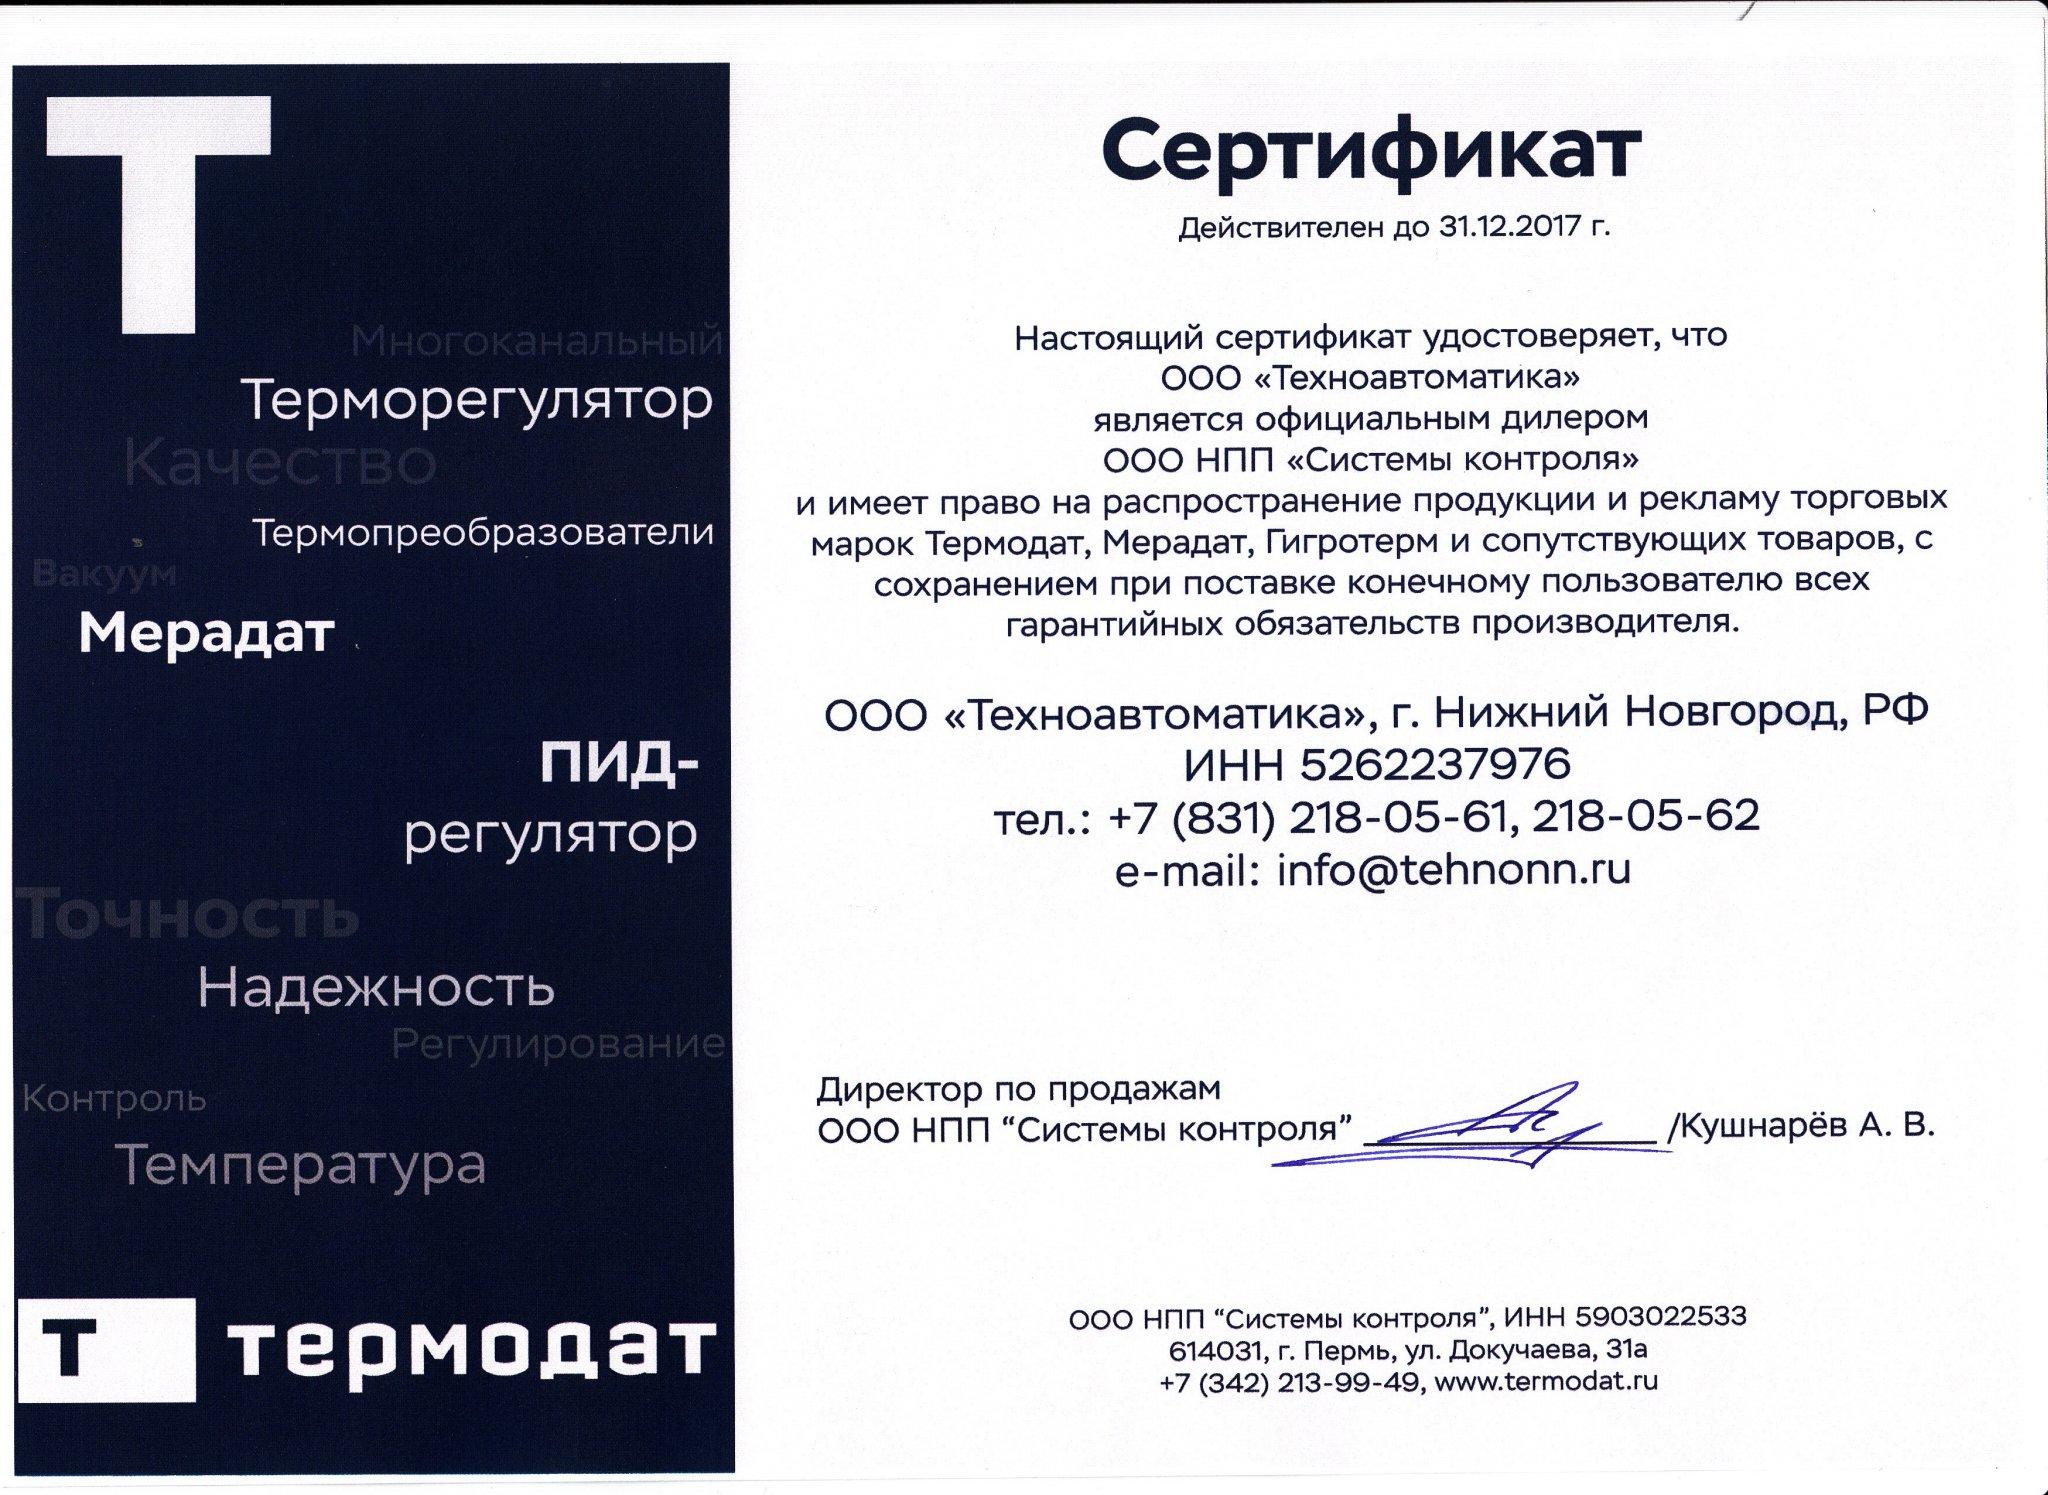 Сертификат дилера Системы контроля 2017